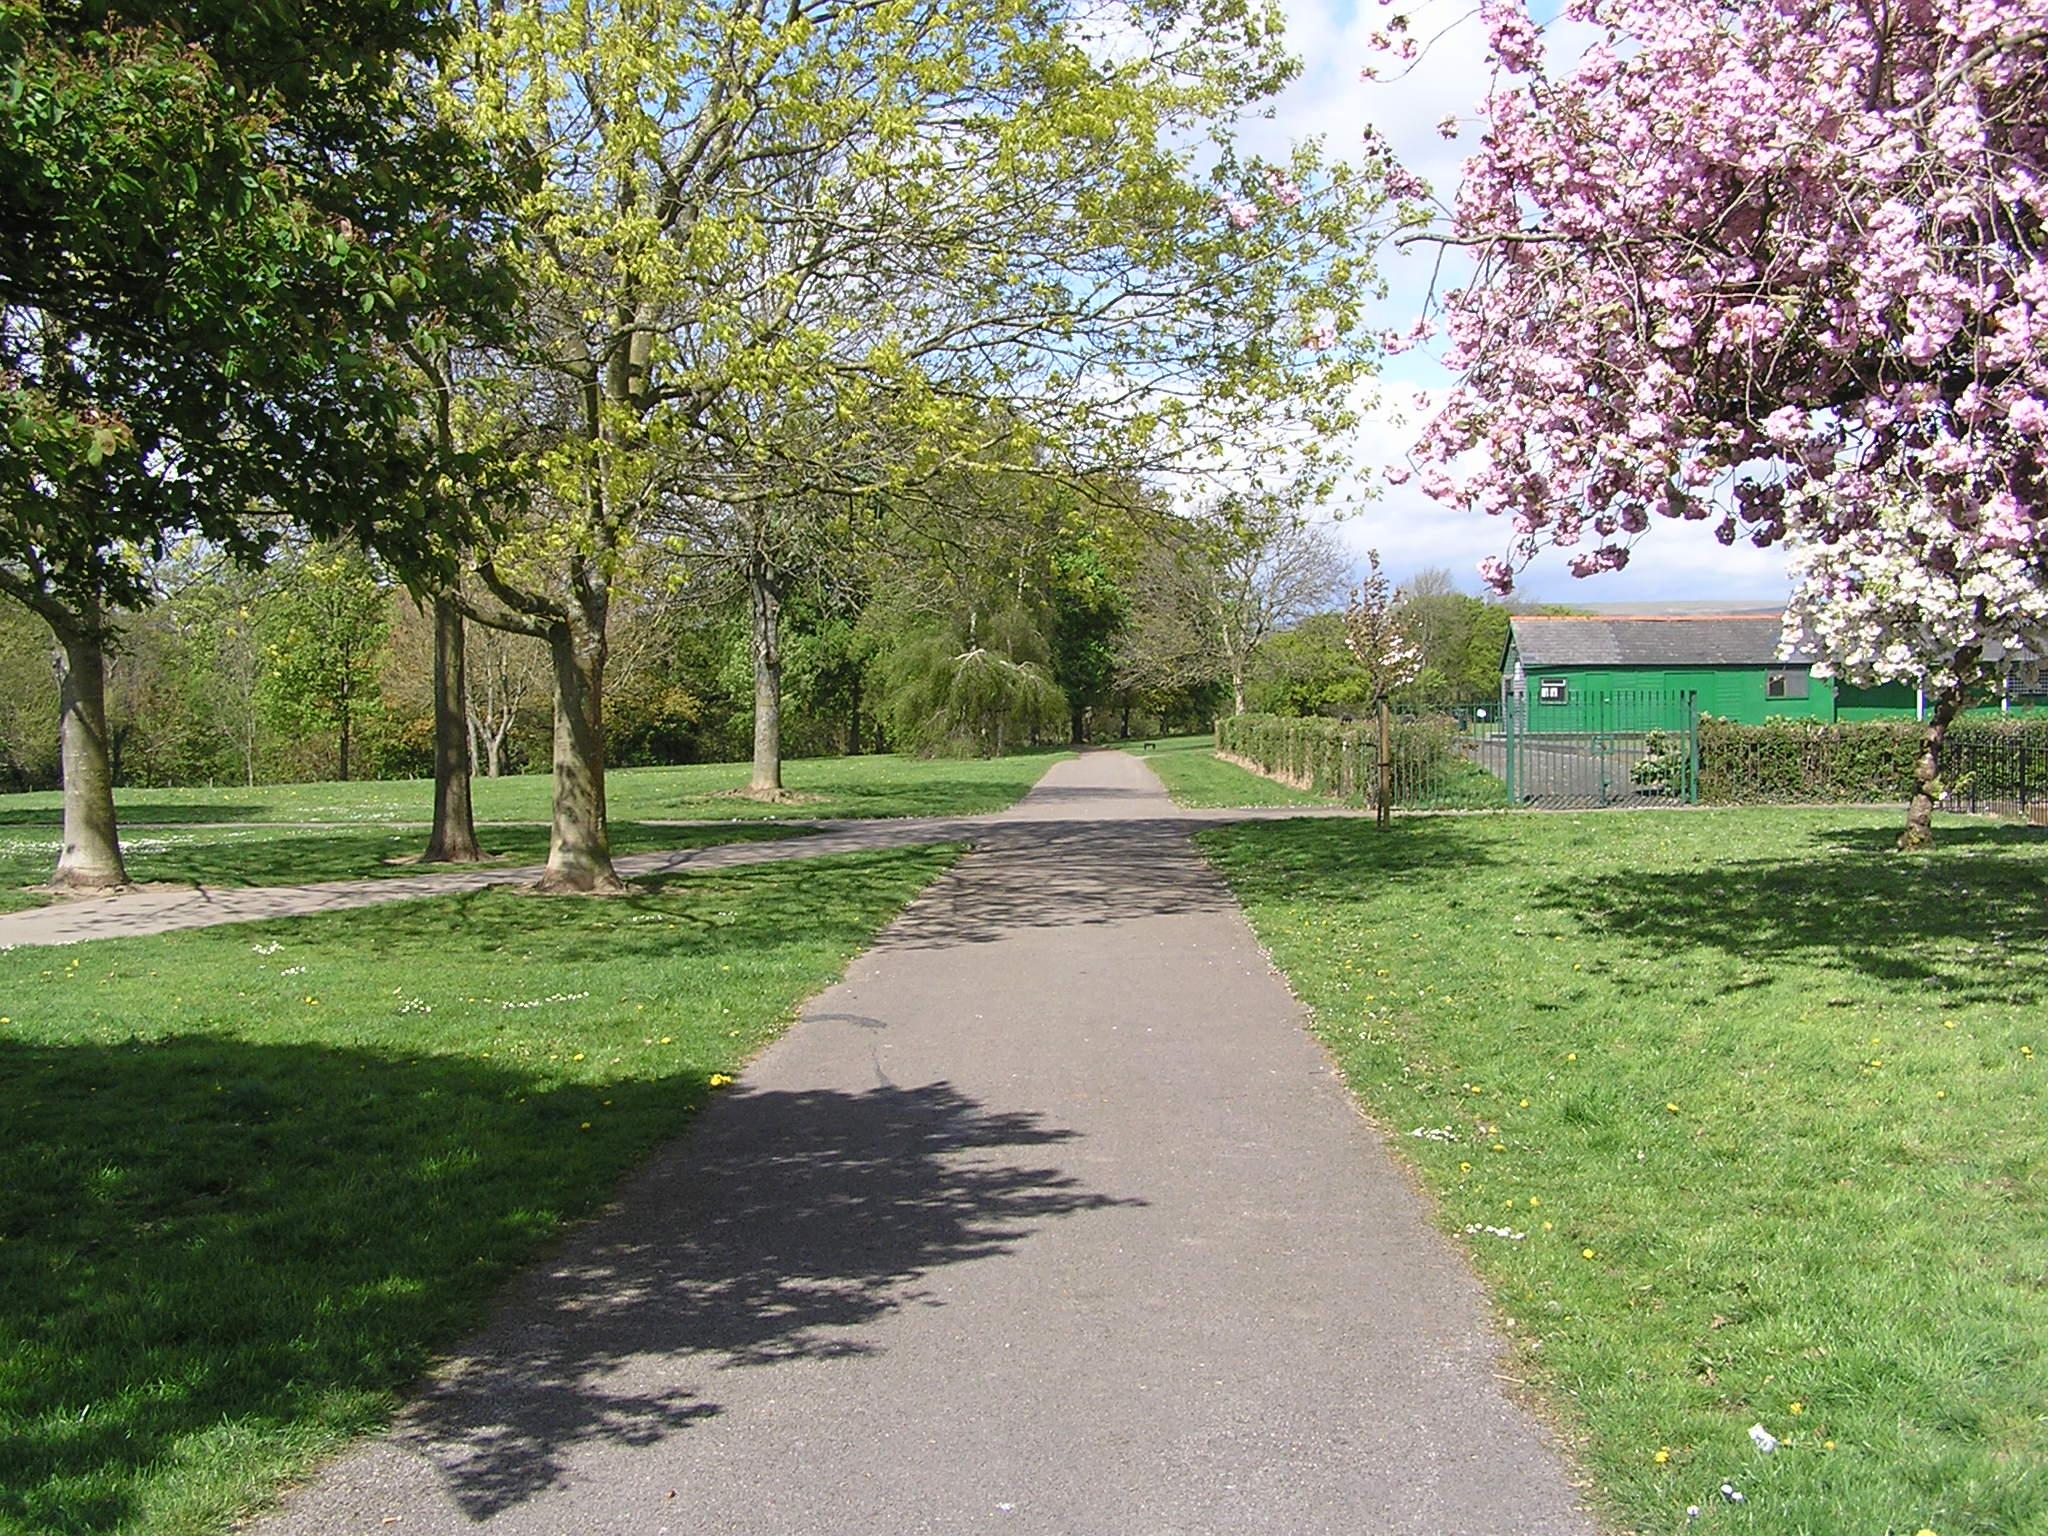 Spring blossom in Llandaff North